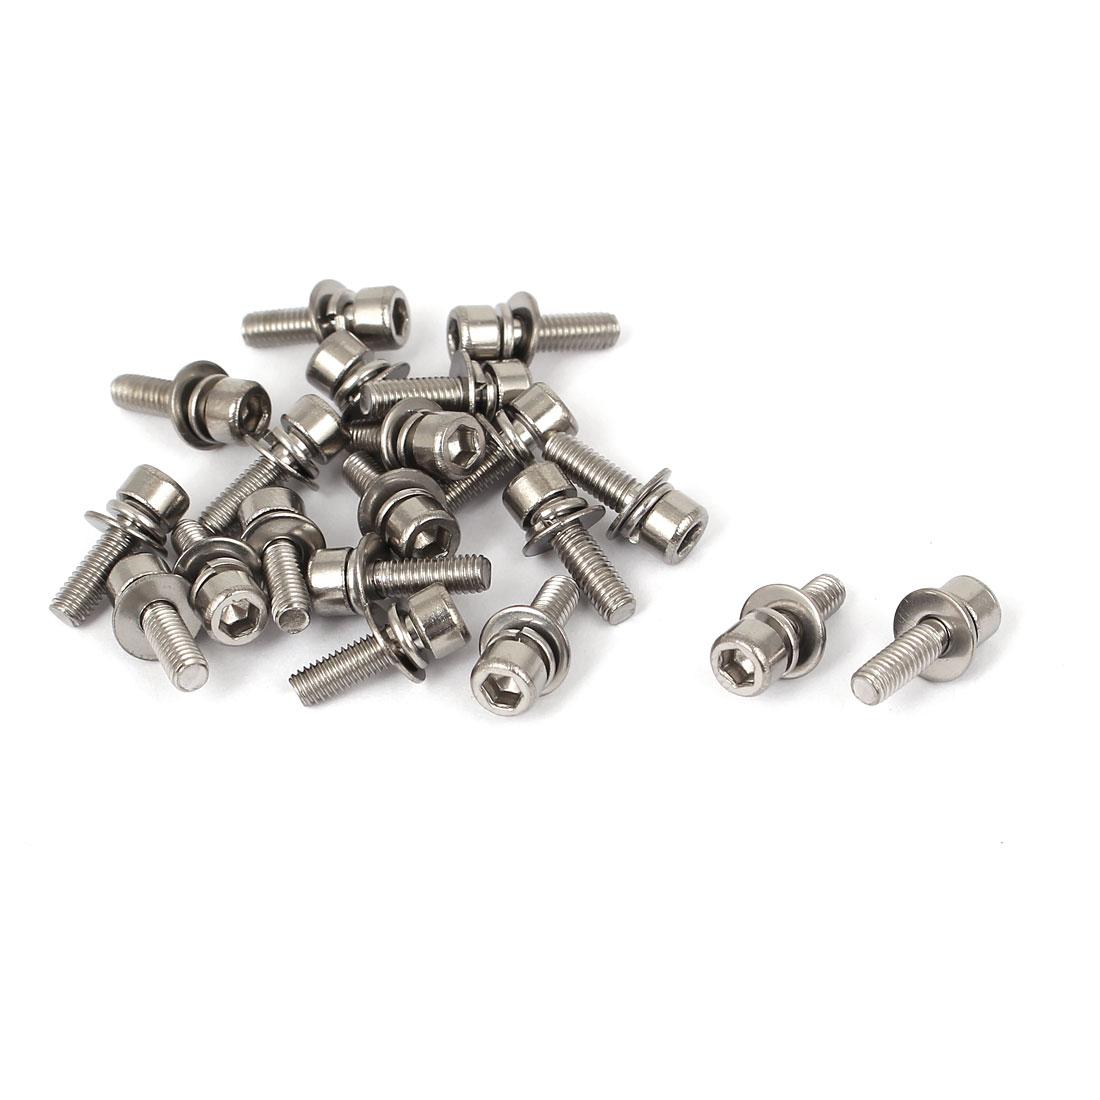 M3 x 10mm 0.5mm Thread Pitch Hex Socket Head Cap Screw w Washer 20 Pcs